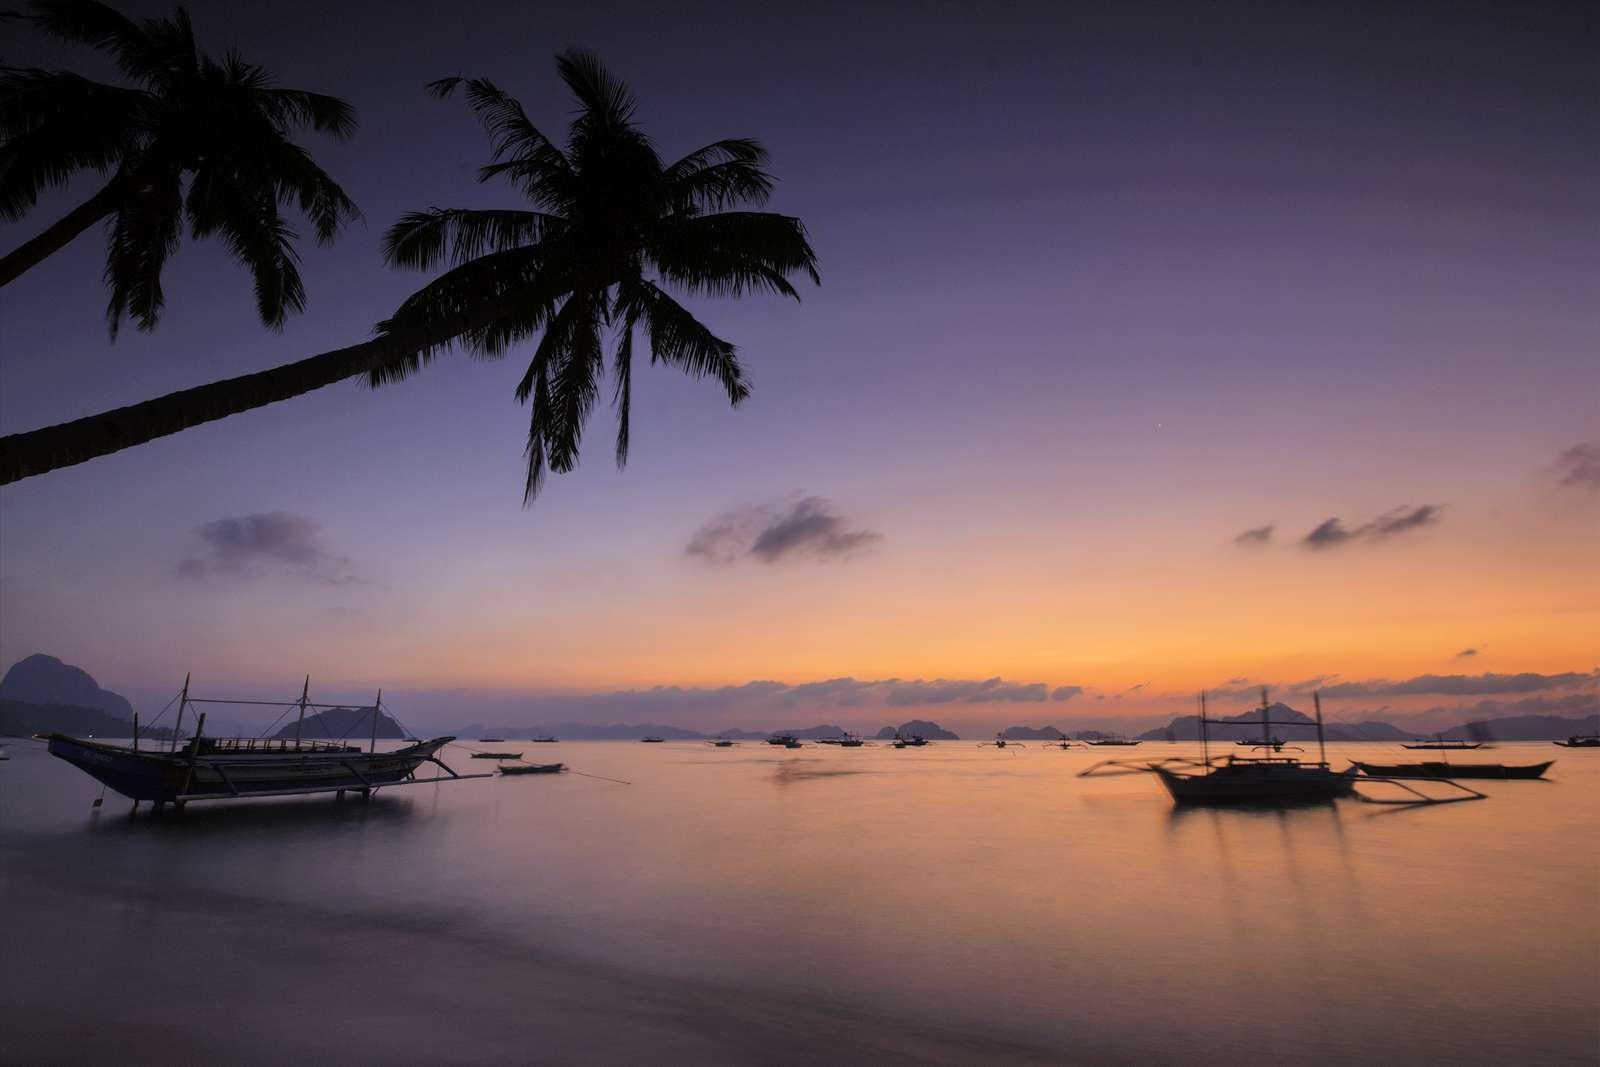 Corong Corong Beach at sunset, El Nido